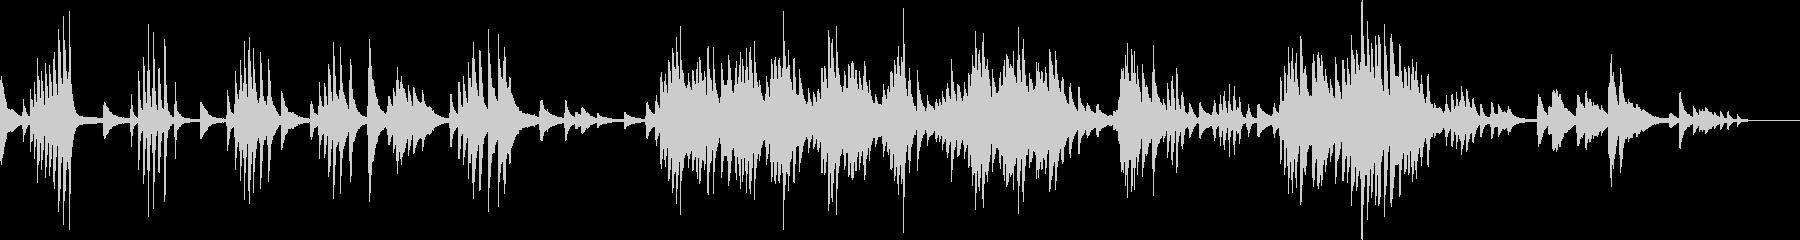 切なくて幻想的なピアノBGM(生演奏)の未再生の波形